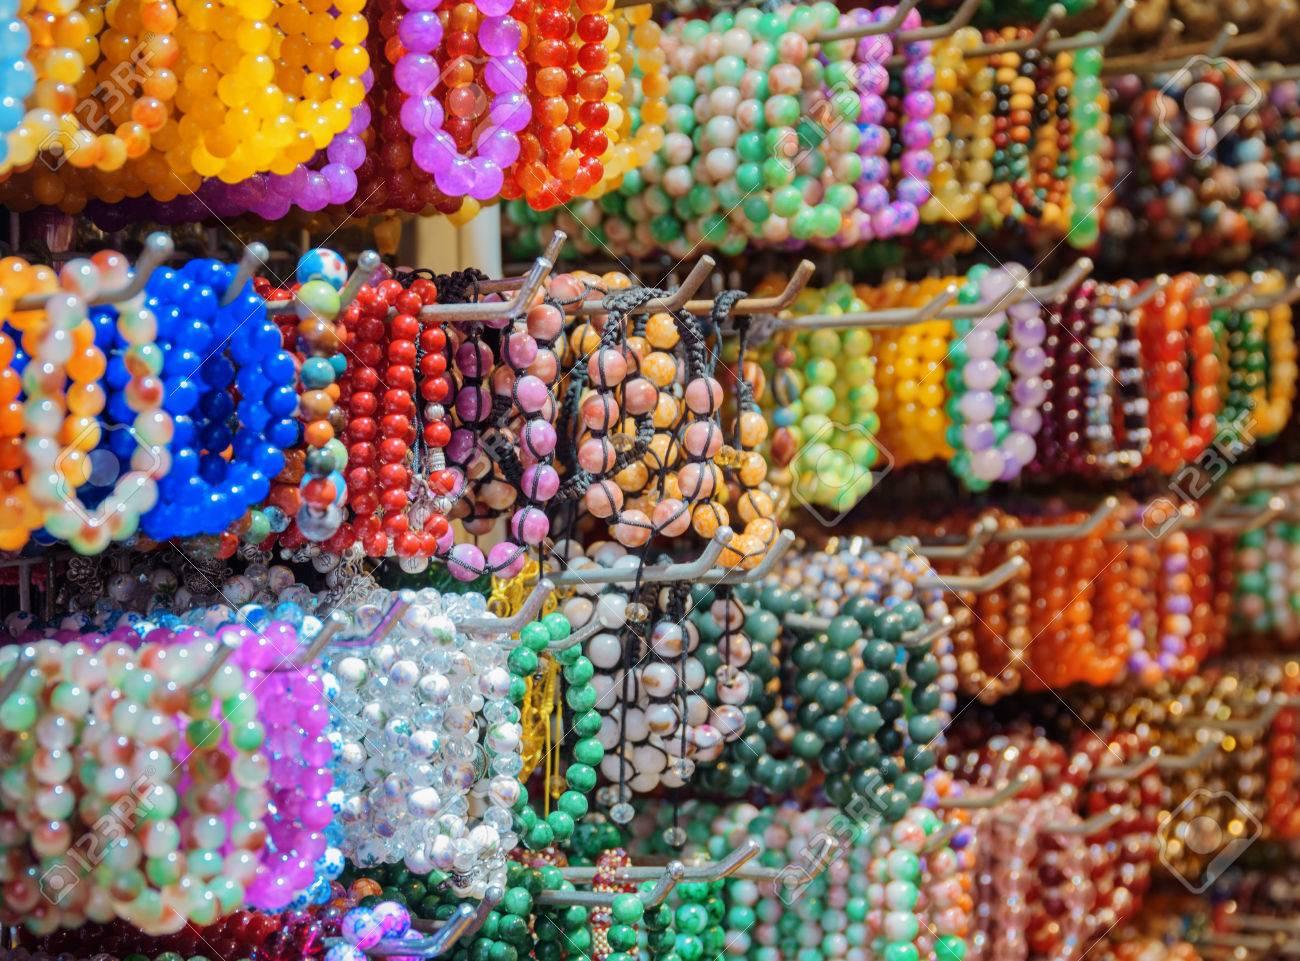 d9323aa16908 Amplia Gama De Pulseras Coloridas De La Piedra Preciosa Y De La Joyería Del  Grano. Jade Pulseras En La Tienda De Souvenirs En El Distrito De Chinatown.